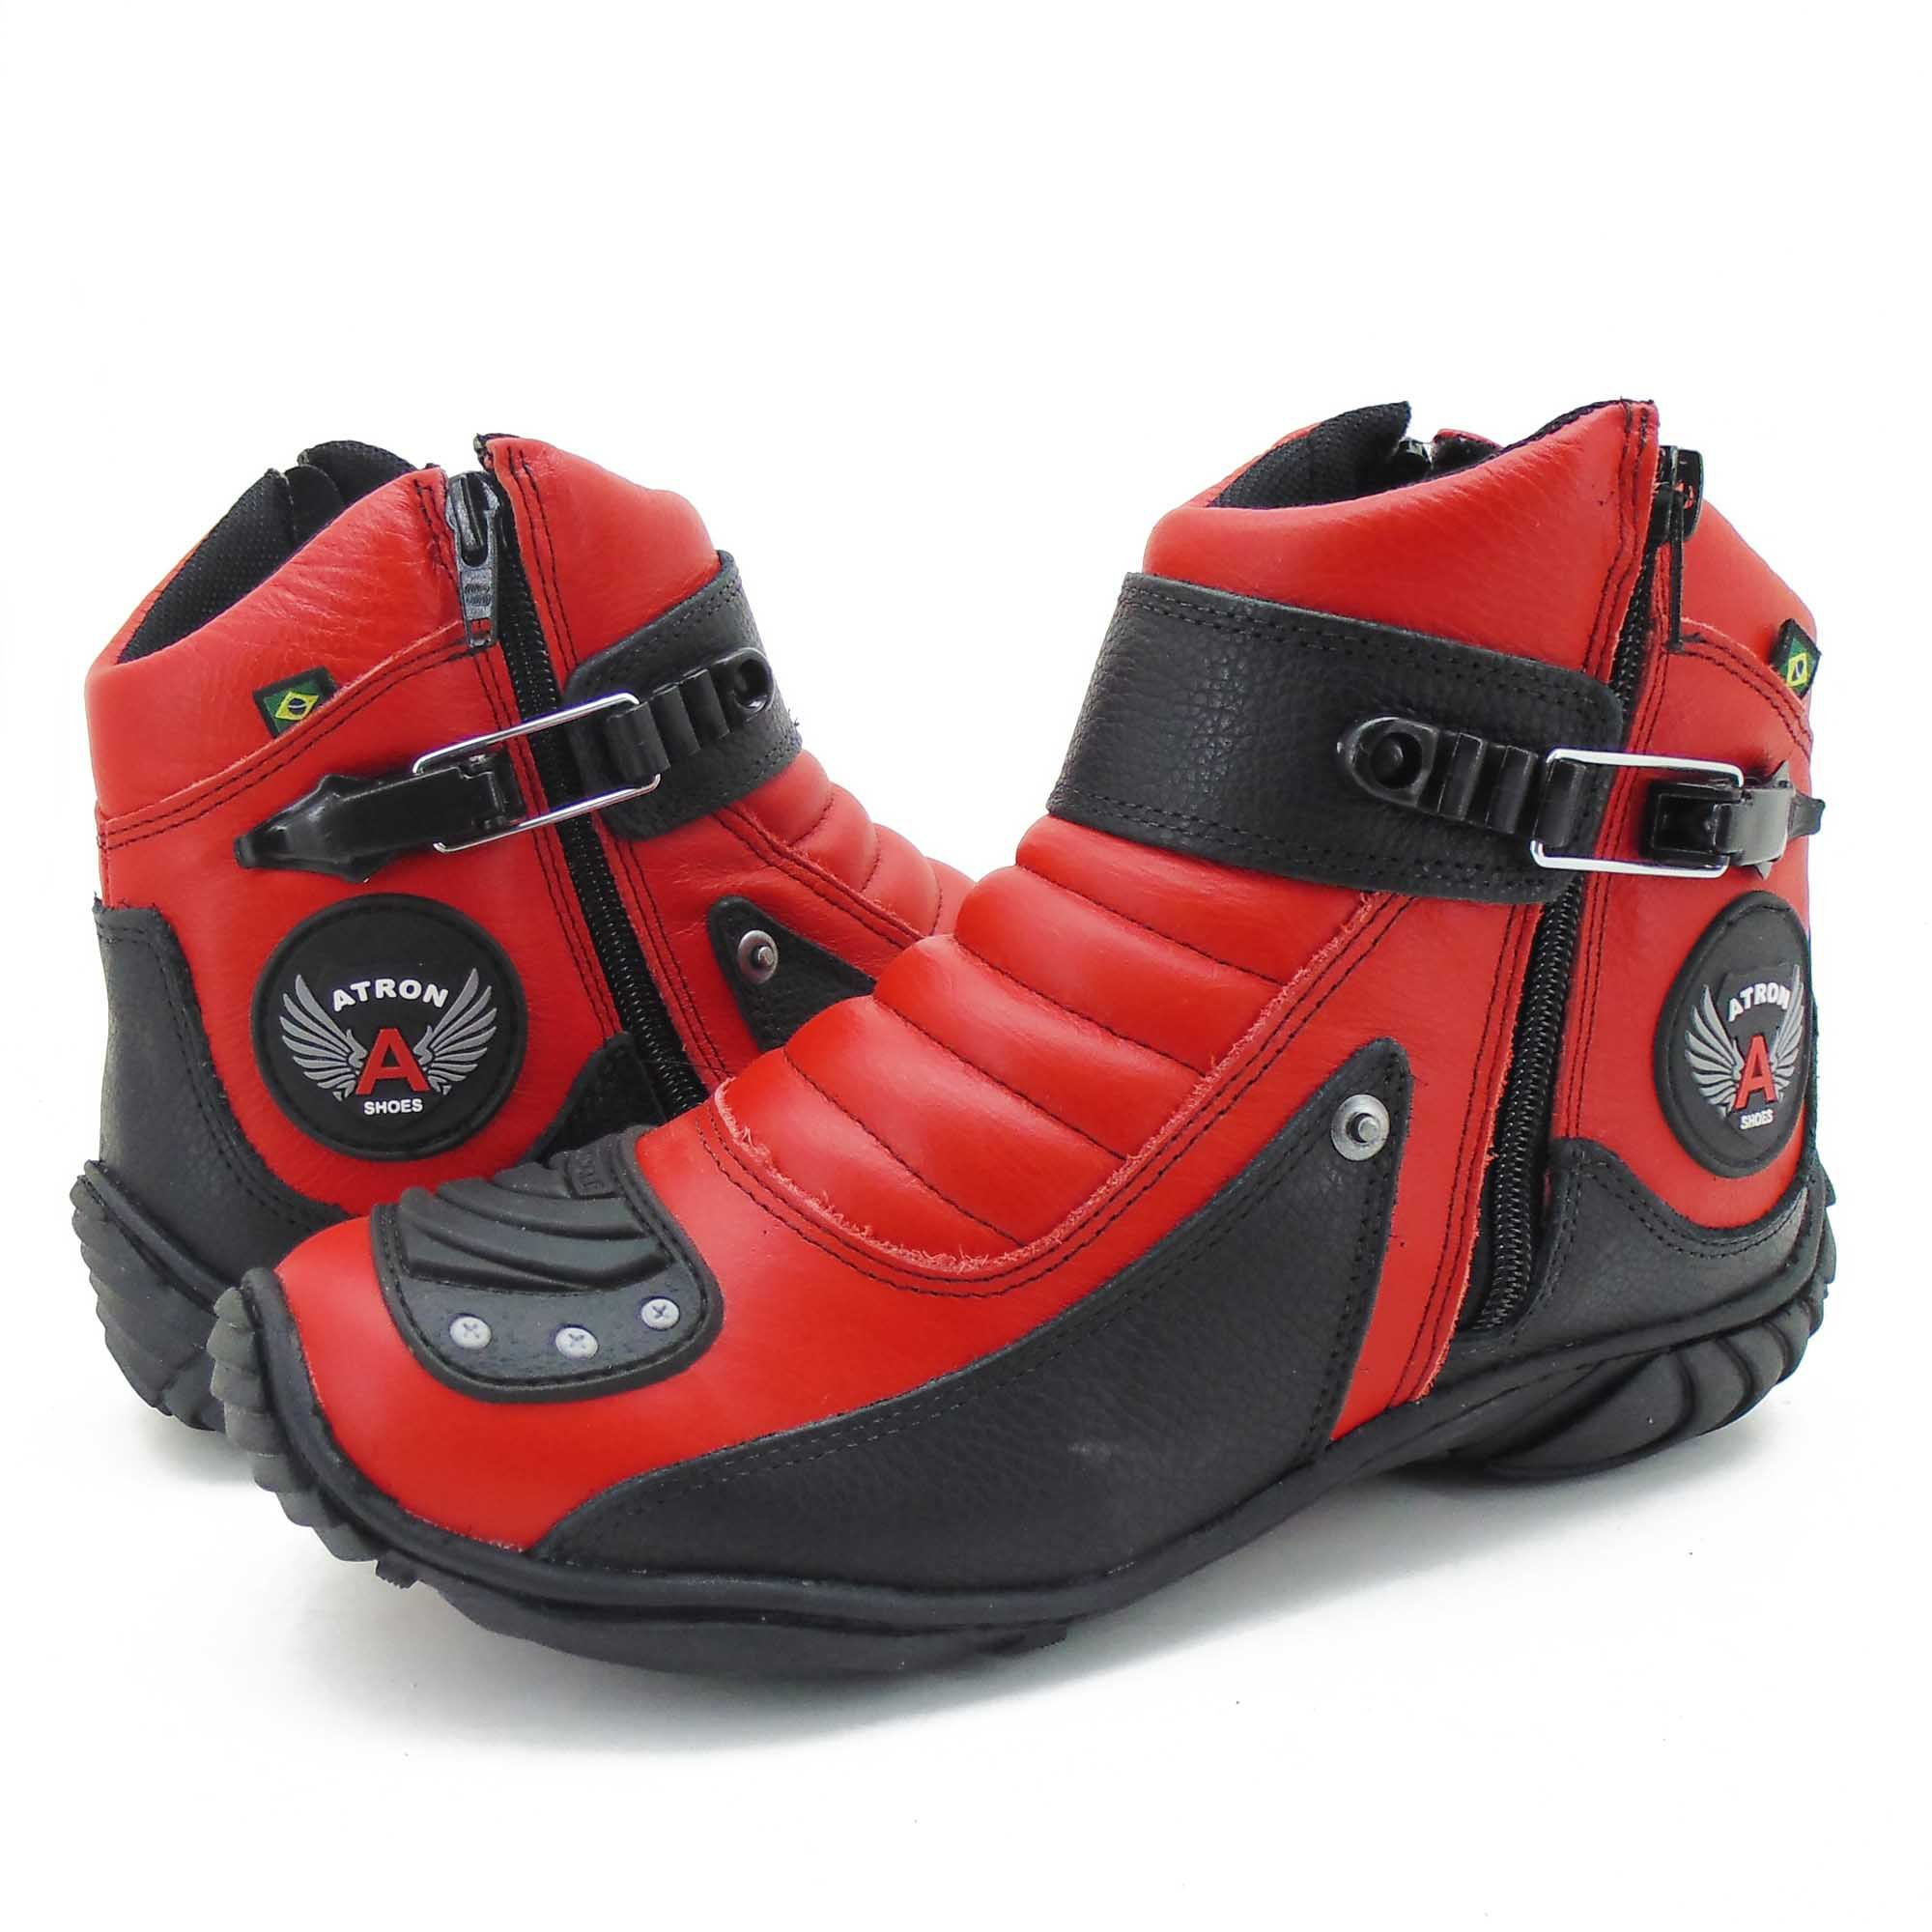 6028ca1ac4 Coturno motociclista em couro legítimo nas cores vermelho e preto 304